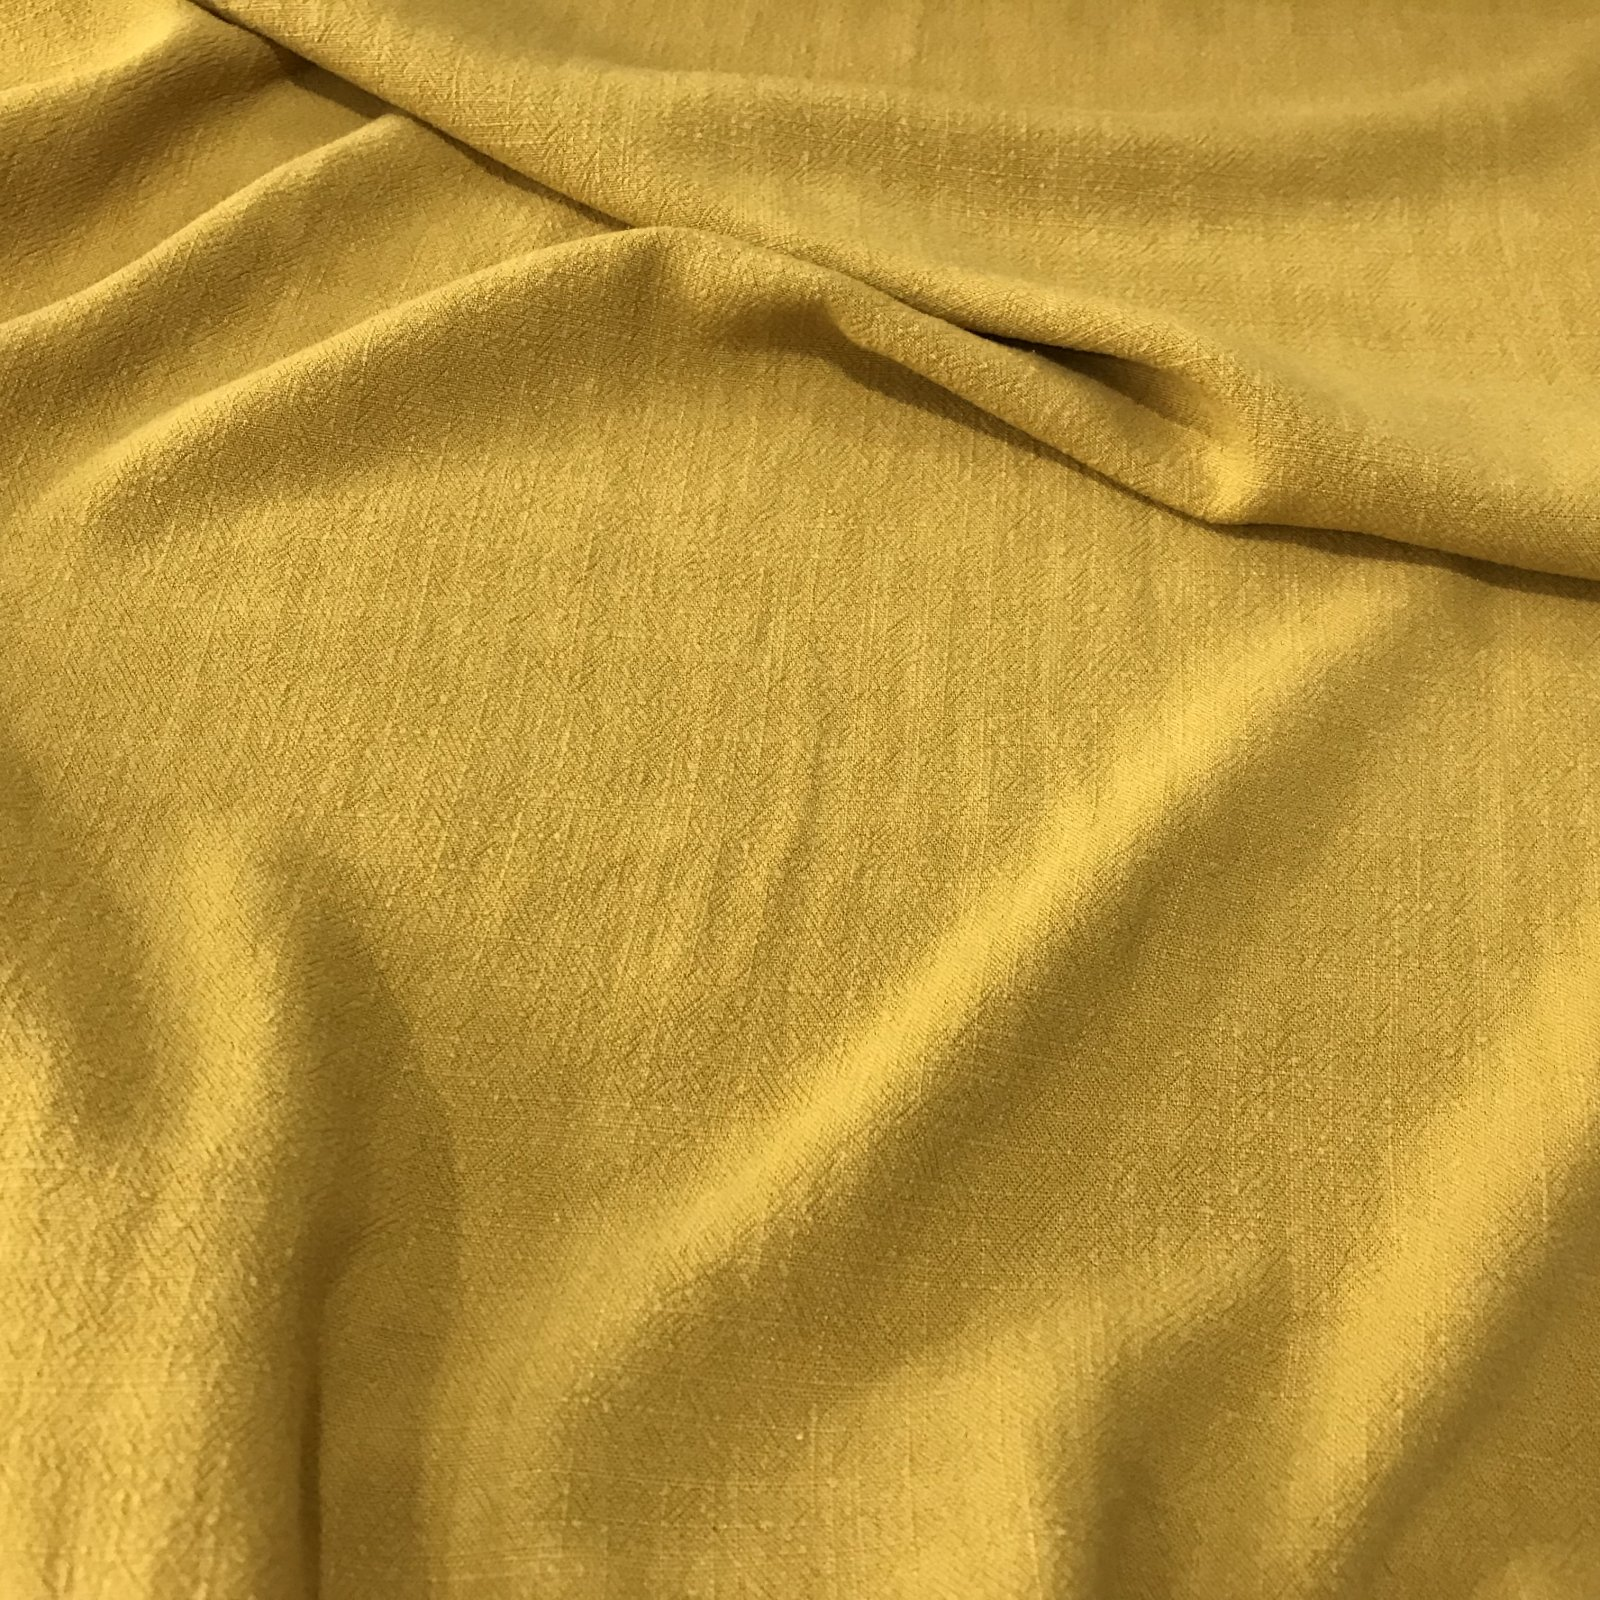 Grace Viscose & Linen Blend - Mustard